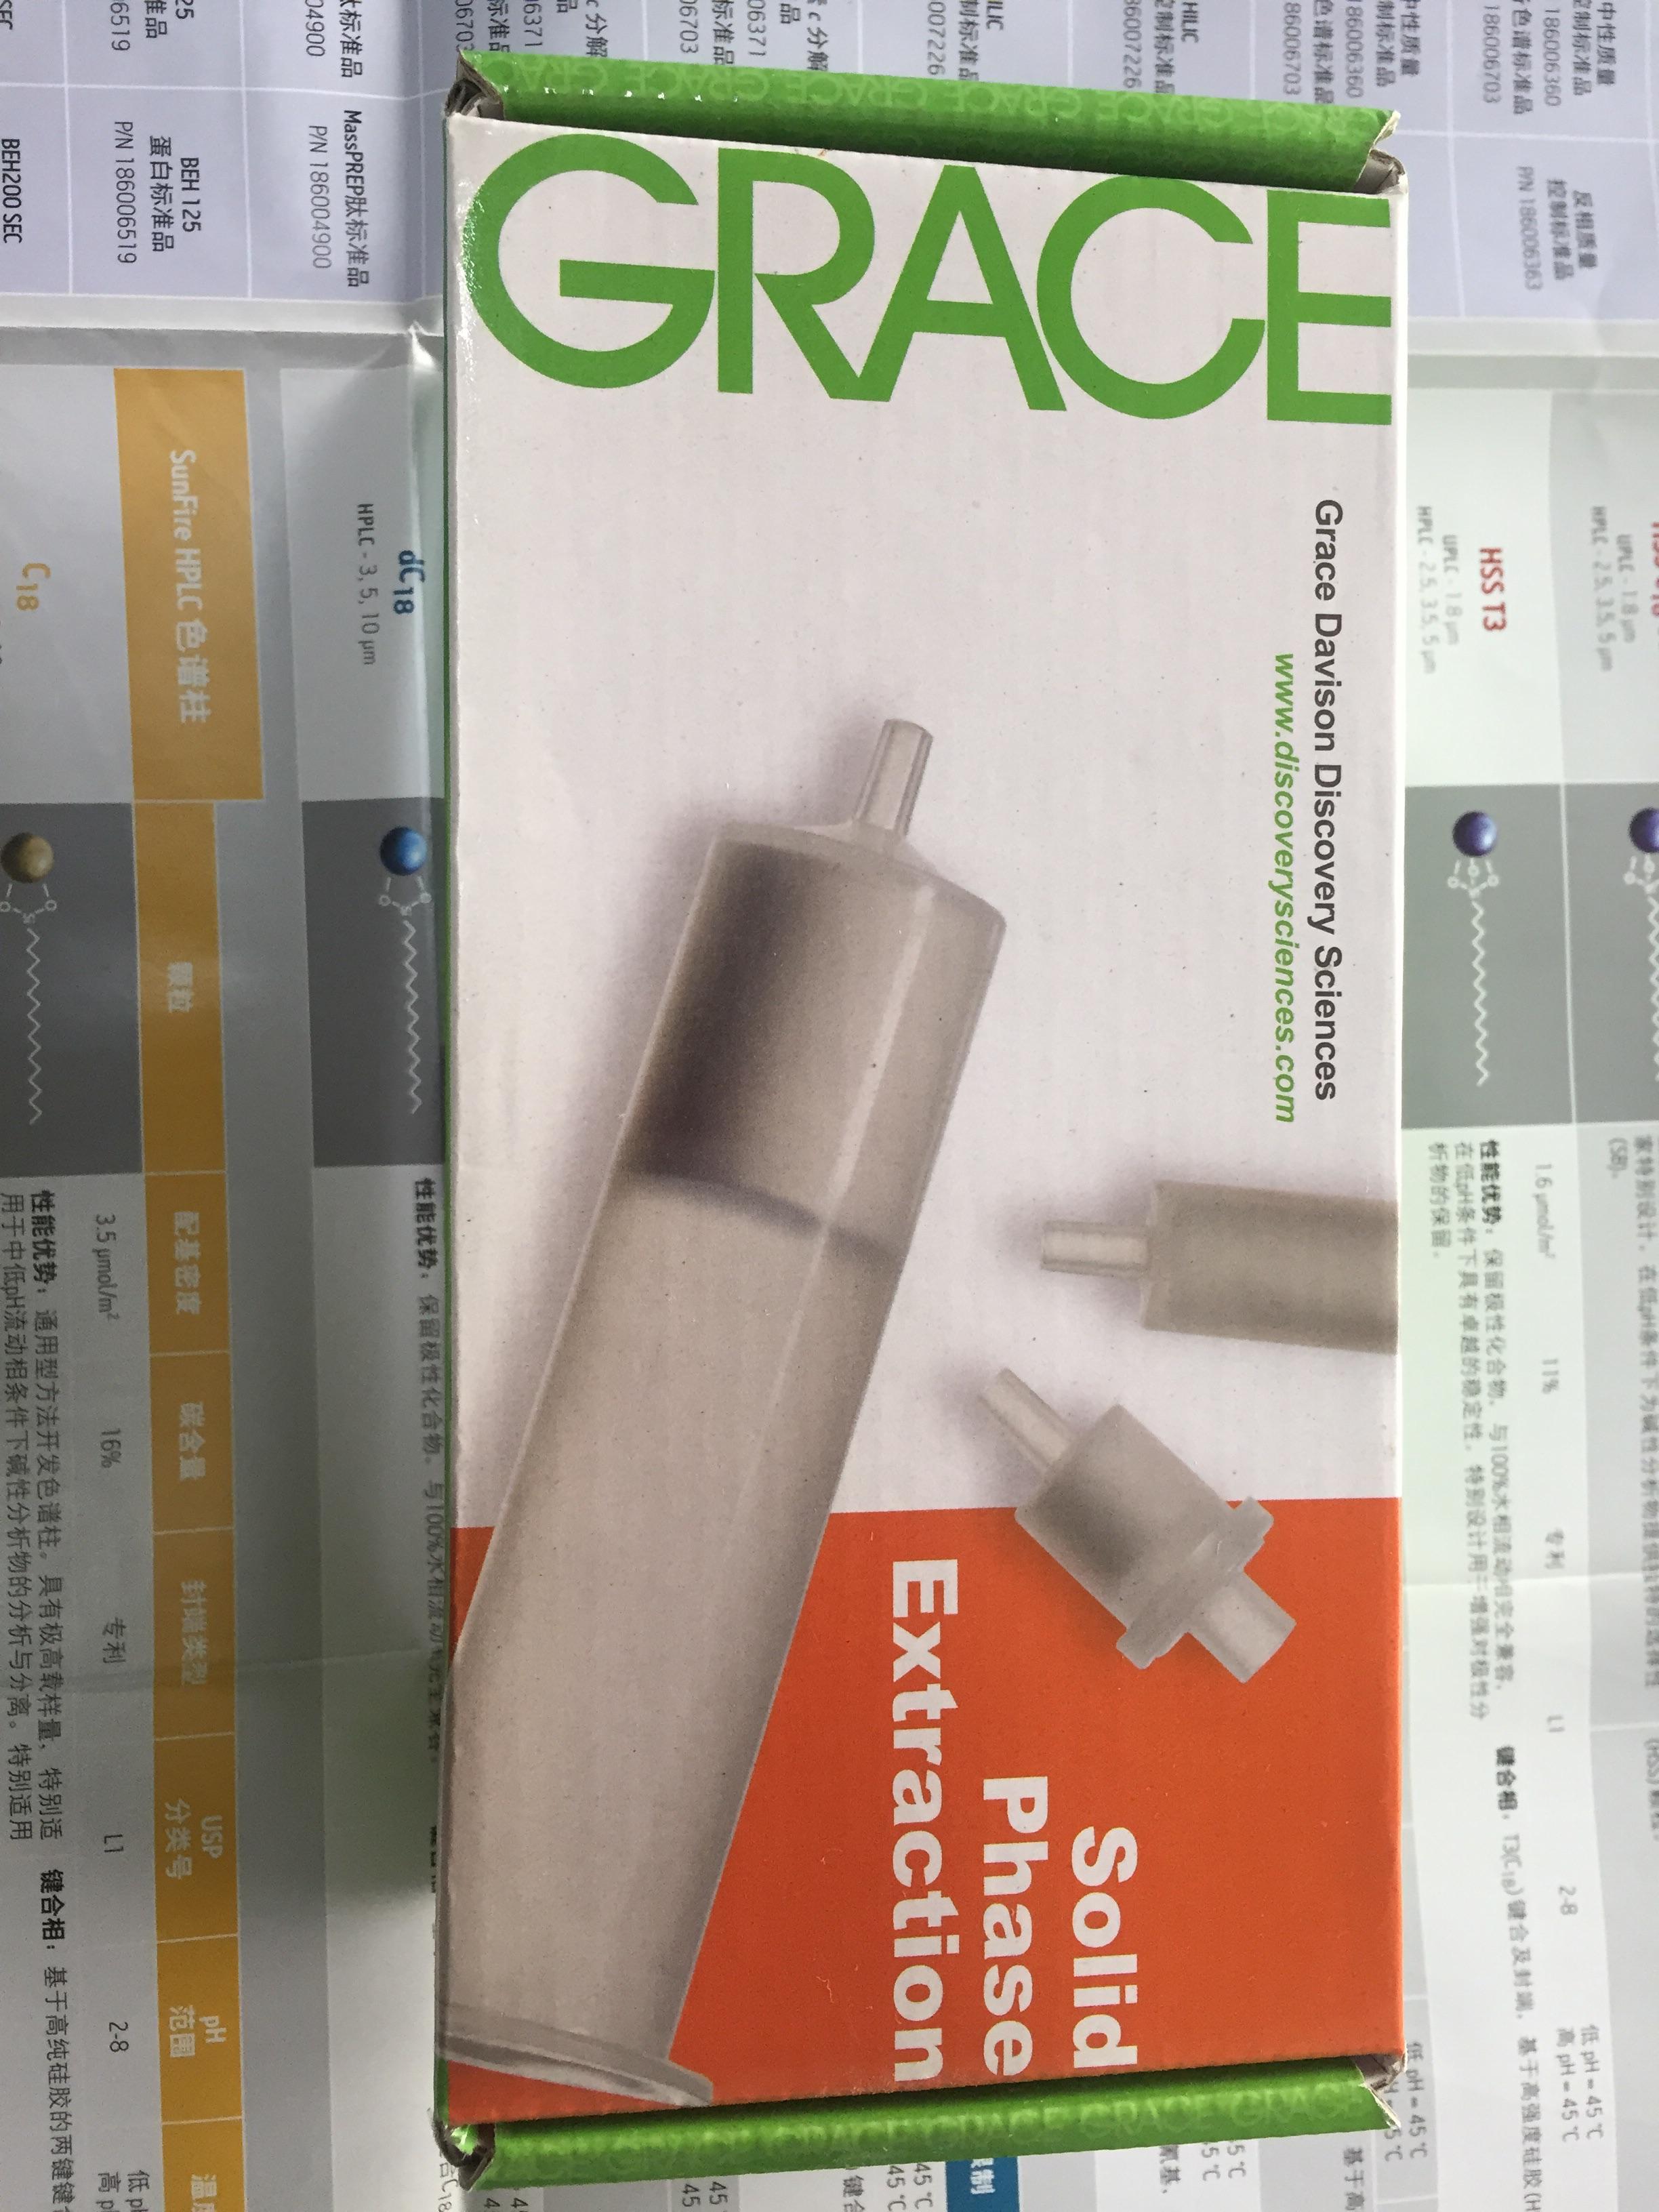 5138766 固相萃取小柱-Grace